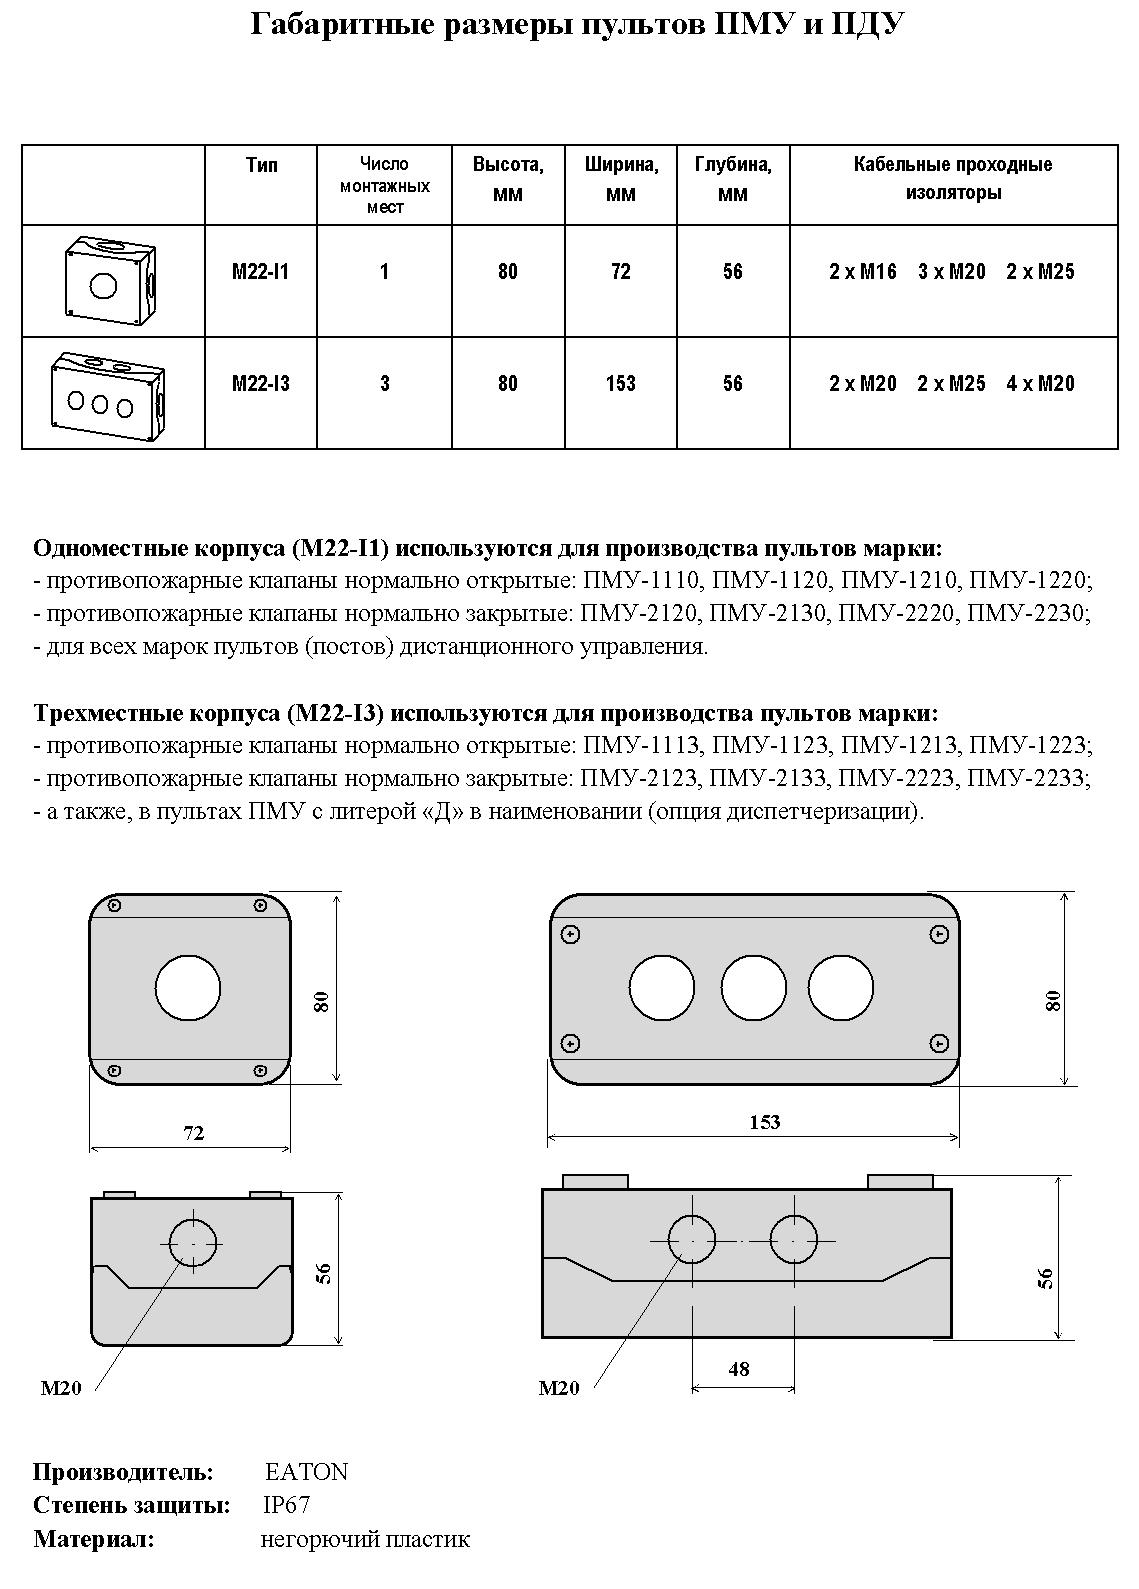 Габаритные размеры пультов ПМУ и ПДУ